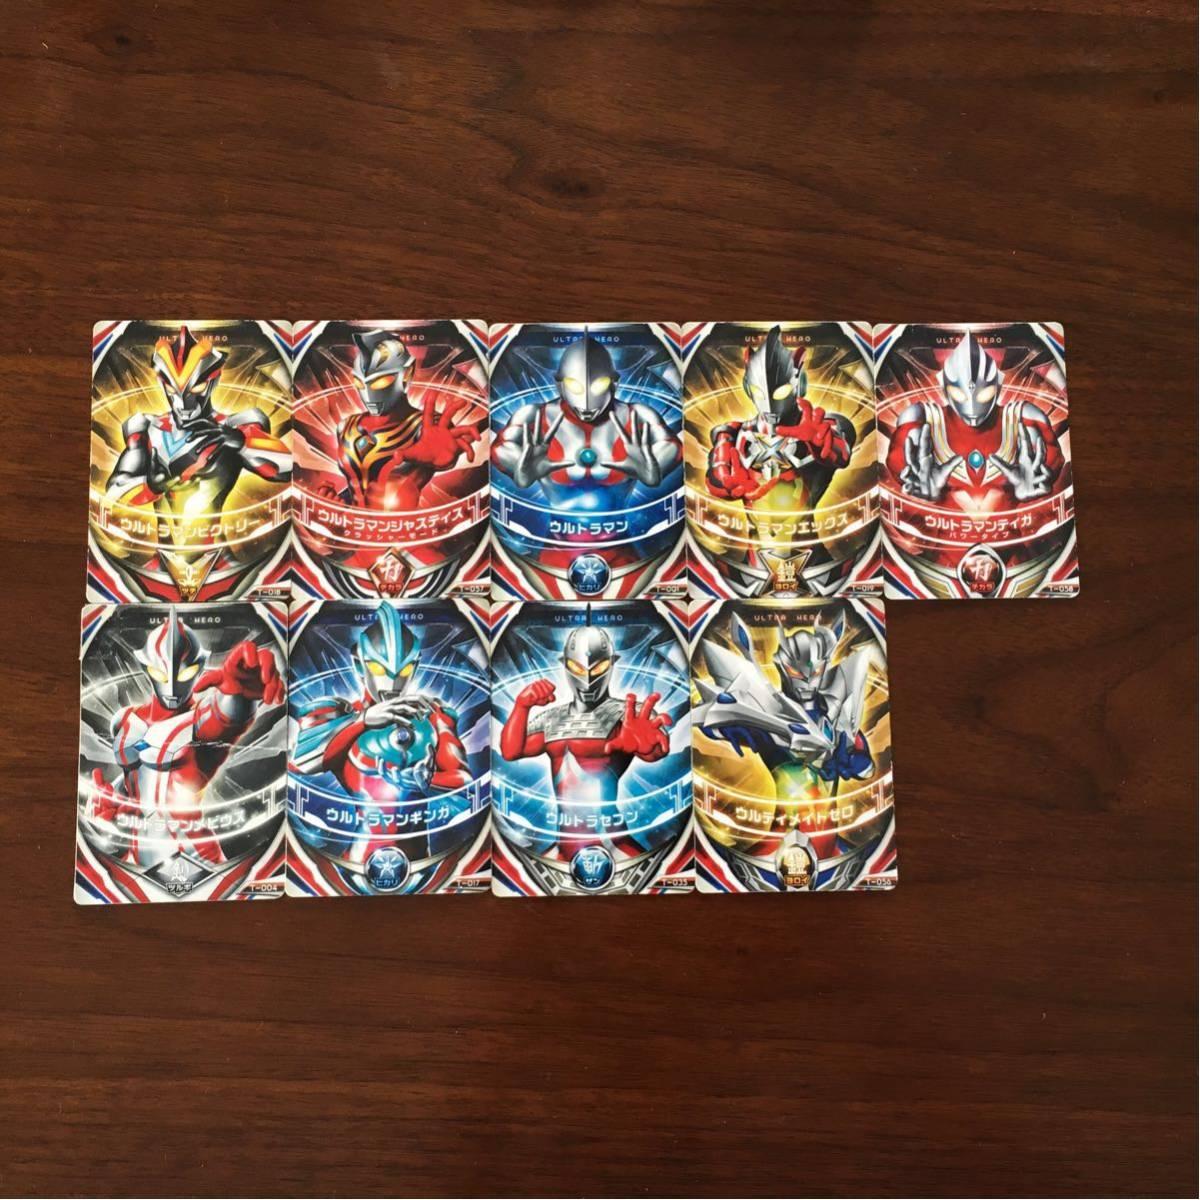 ★ウルトラマン フュージョンファイトカード163枚★そのうちオーブクリスタル付きカード30枚レアカード、ウルトラレアカードもあります♪_画像4